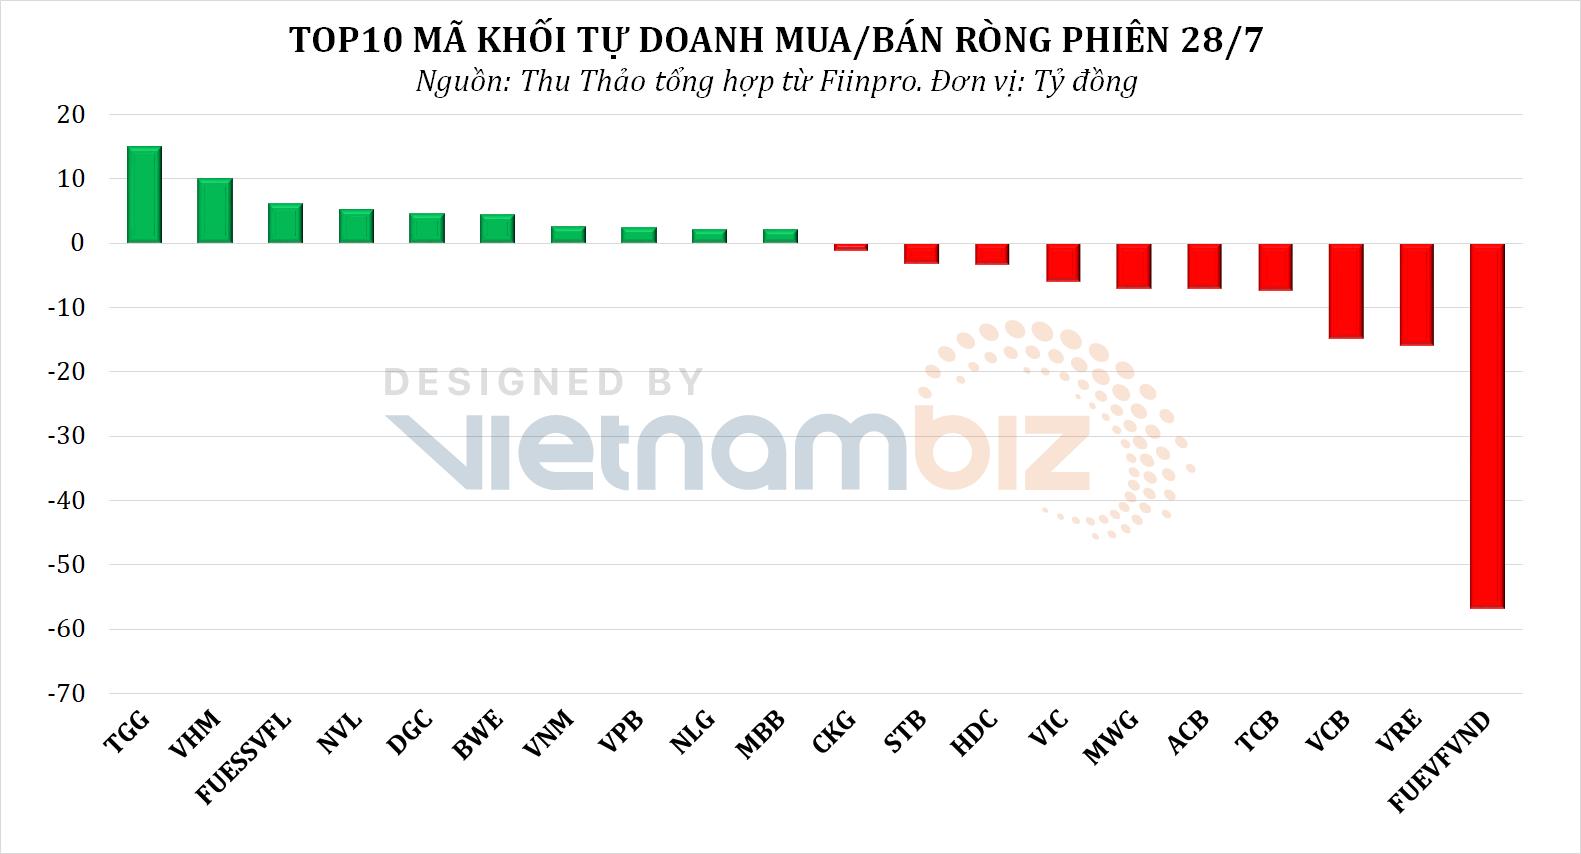 Dòng tiền thông minh 29/7: Tổ chức trong nước cùng khối ngoại dè dặt xuống tiền phiên VN-Index giữ nhịp hồi phục - Ảnh 2.